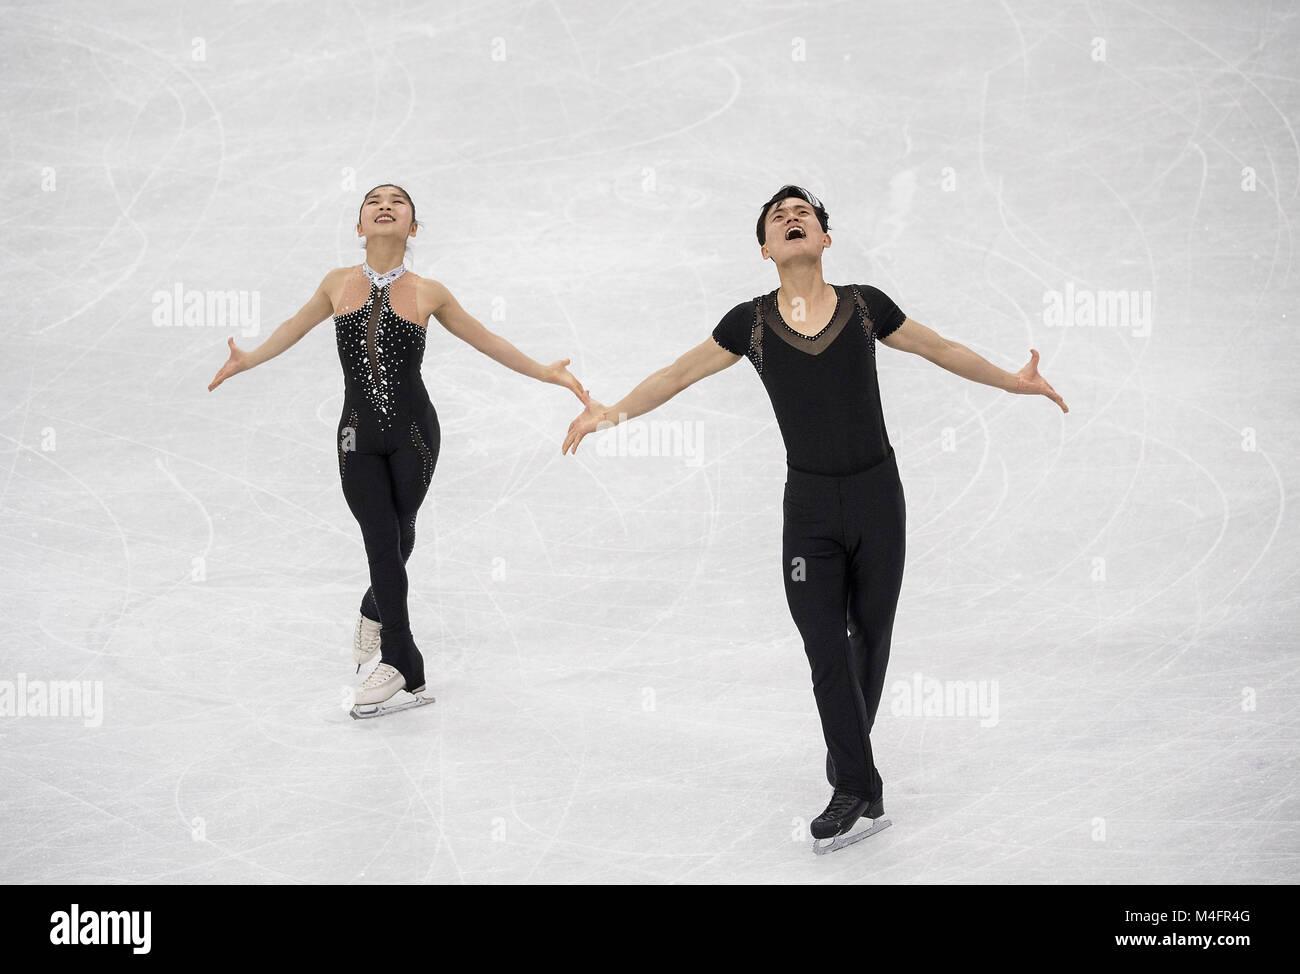 RYOM Tae ok / KIM Yu Sik, PRK, action, Eiskunstlaufen Paare Kuer Olympische Winterspiele am 15.02.2018 2018, vom Photo Stock